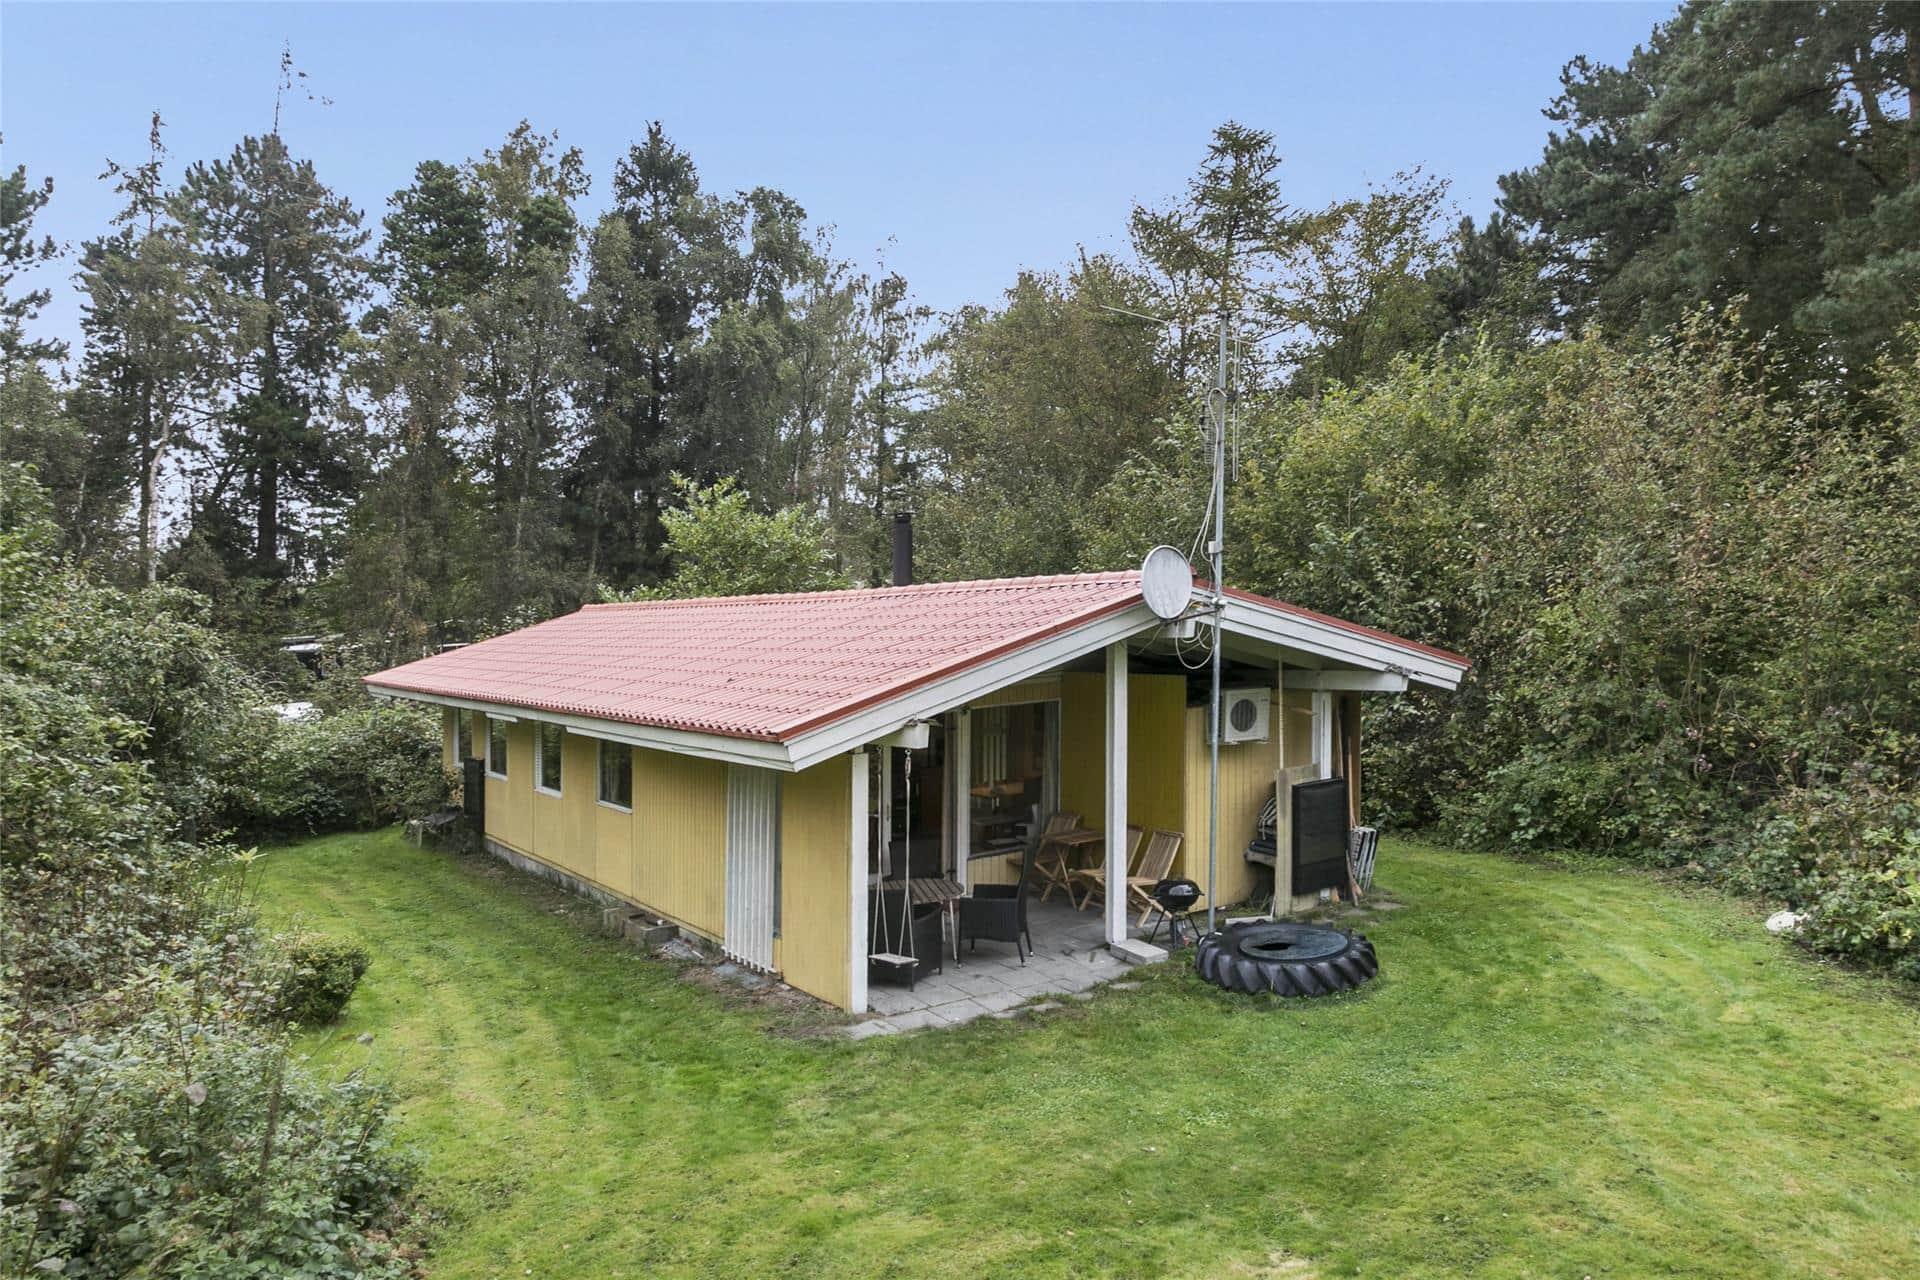 Image 1-174 Holiday-home M15002, Mimosevej 11, DK - 4873 Væggerløse